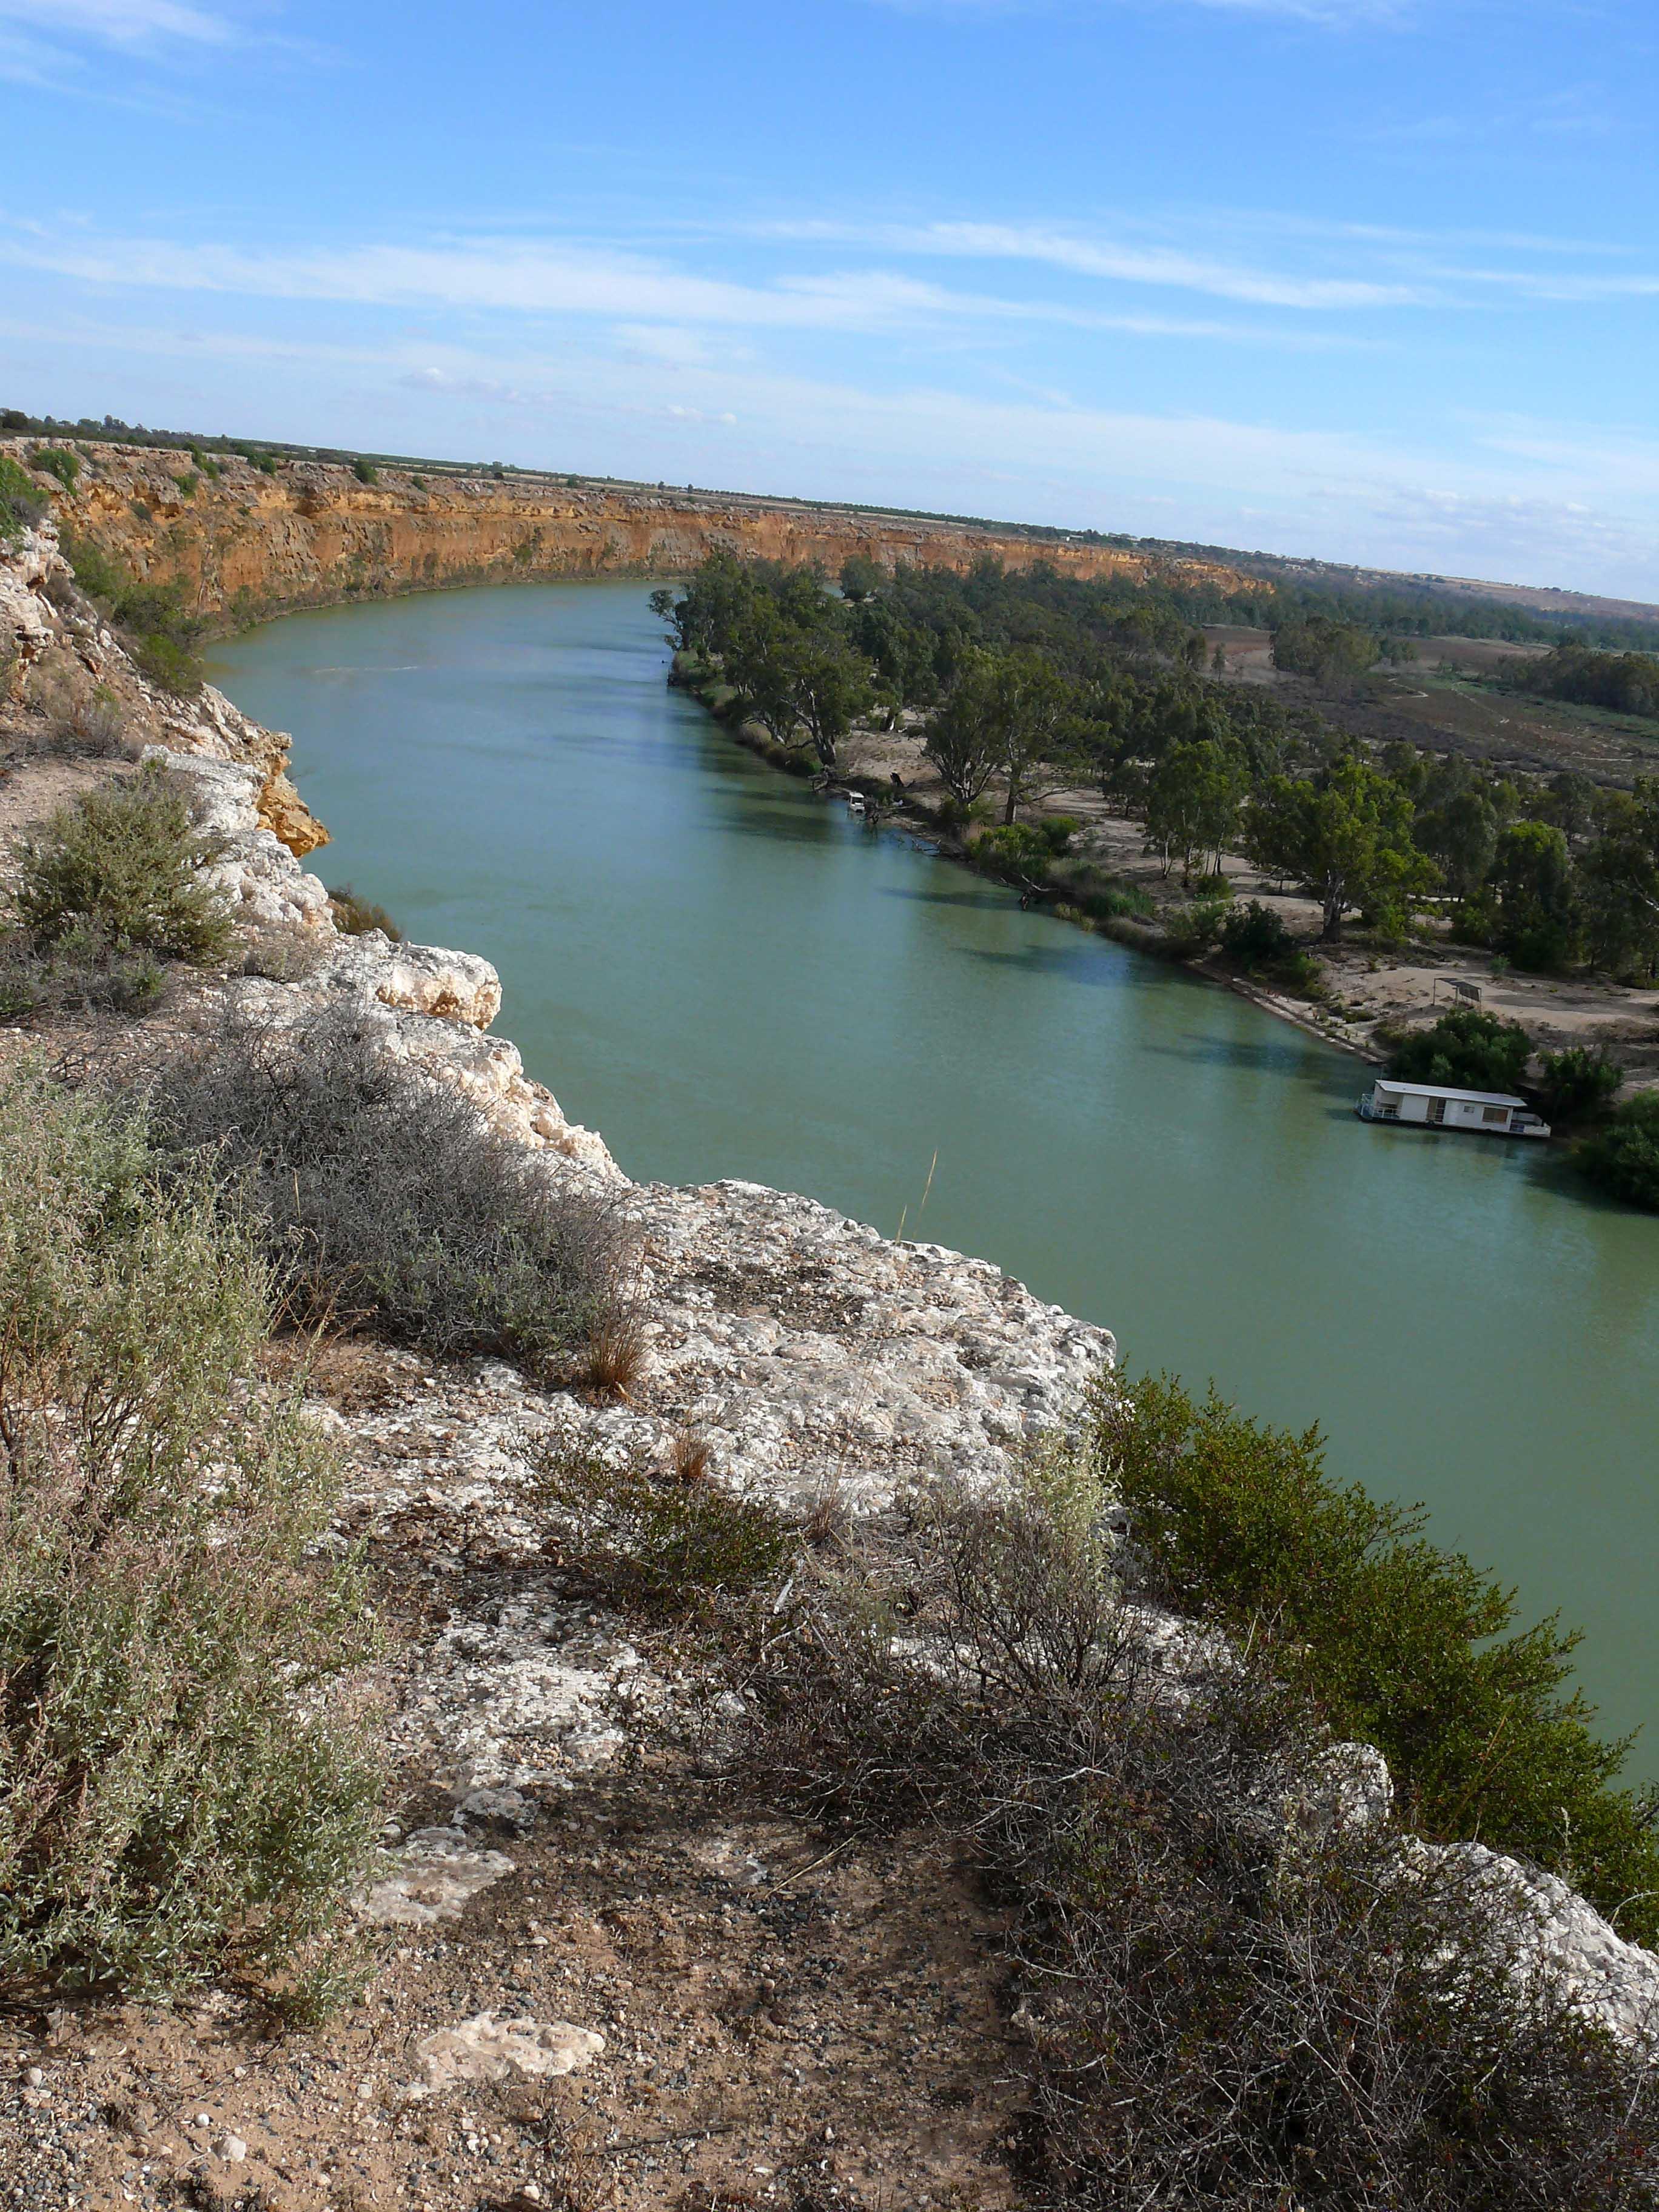 Murray river von oben, knoller